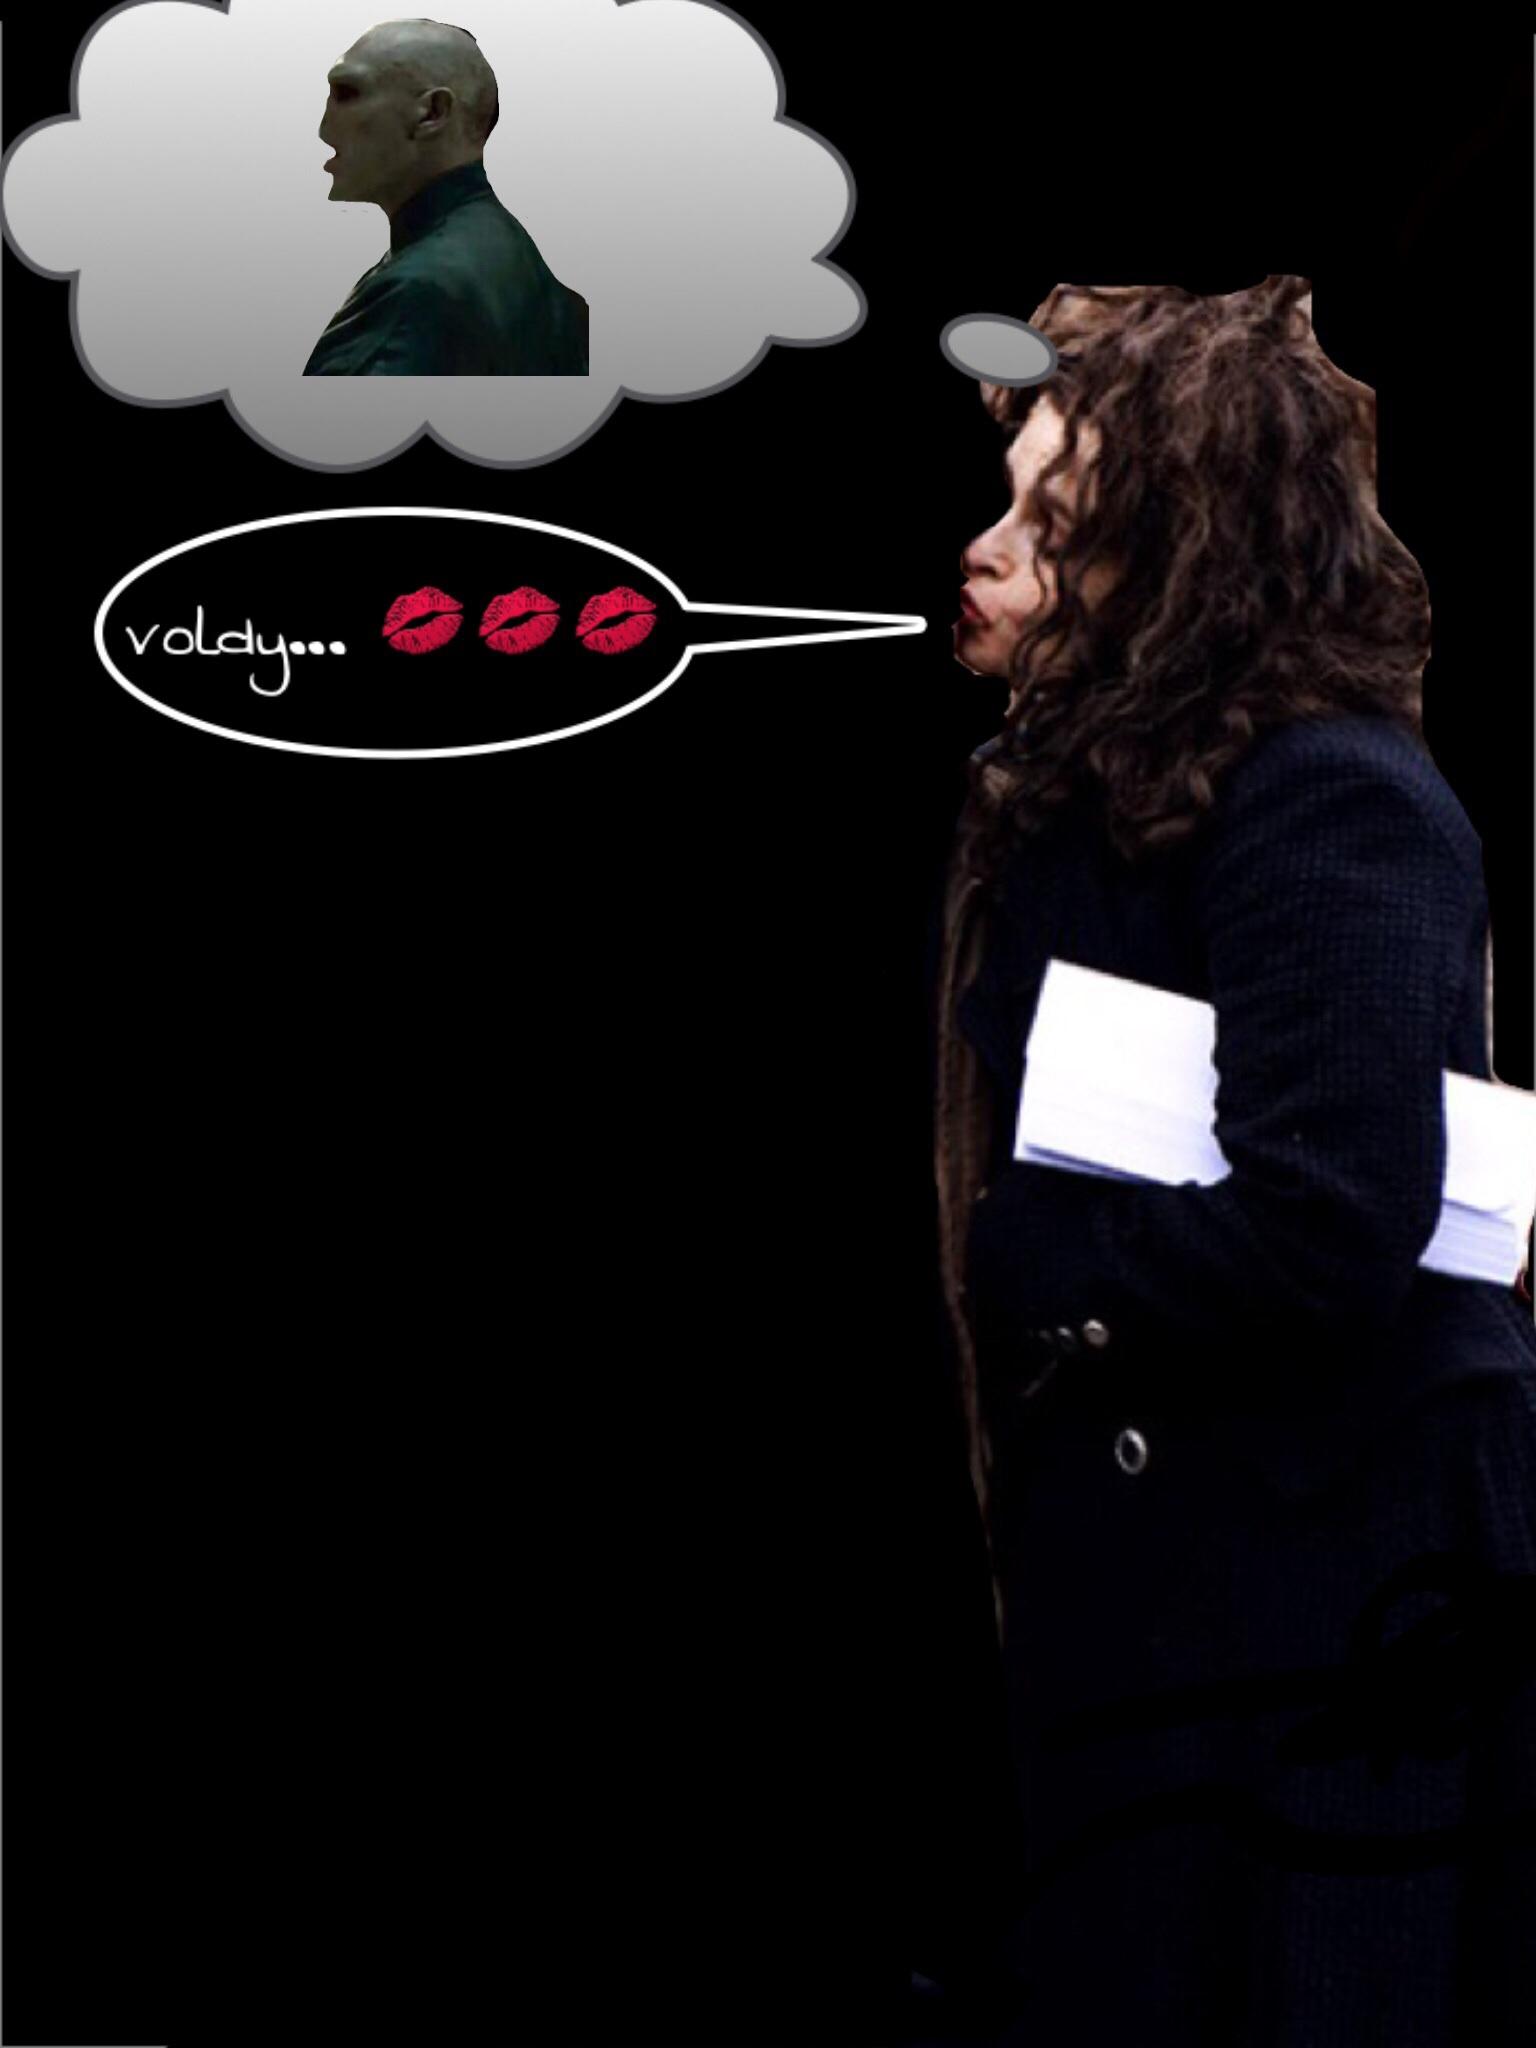 Bellatrix dreaming of voldemort - Harry Potter Fan Art ...